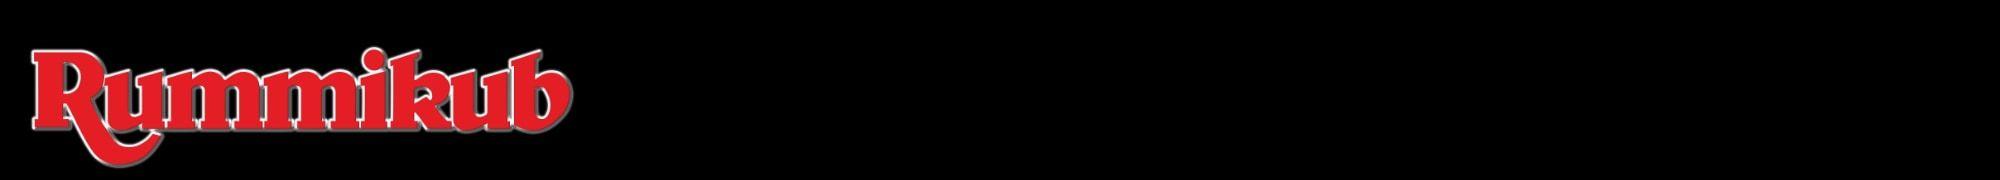 Juegos de mesa Rummikub